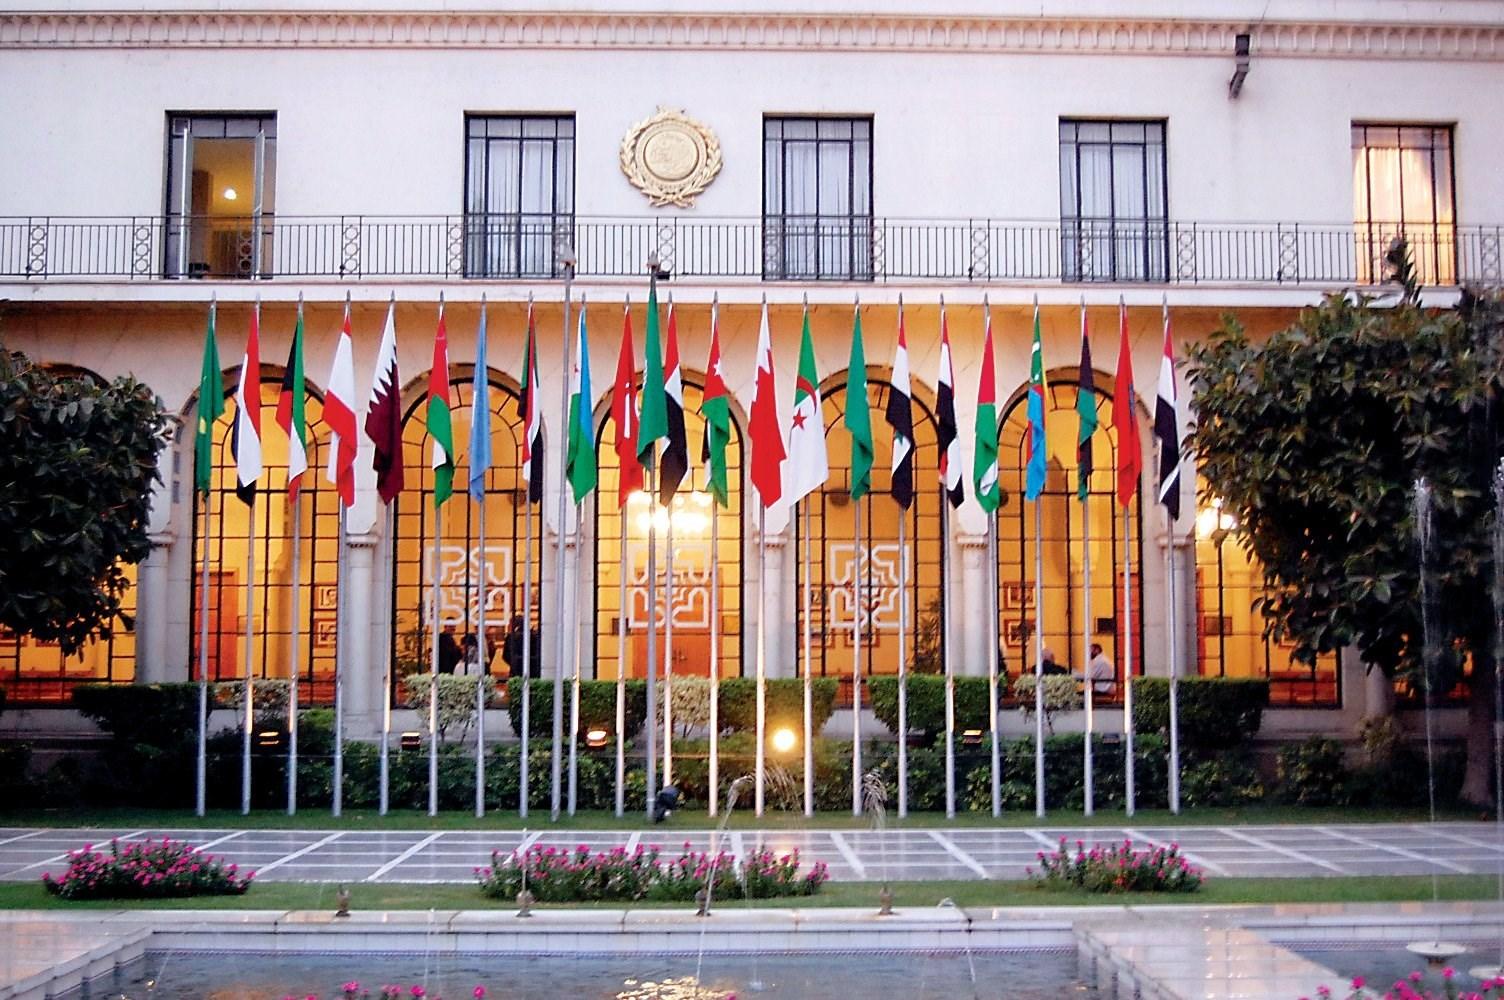 تُعتبر مواقف جامعة الدول العربية هزيلةً في غالبية القضايا